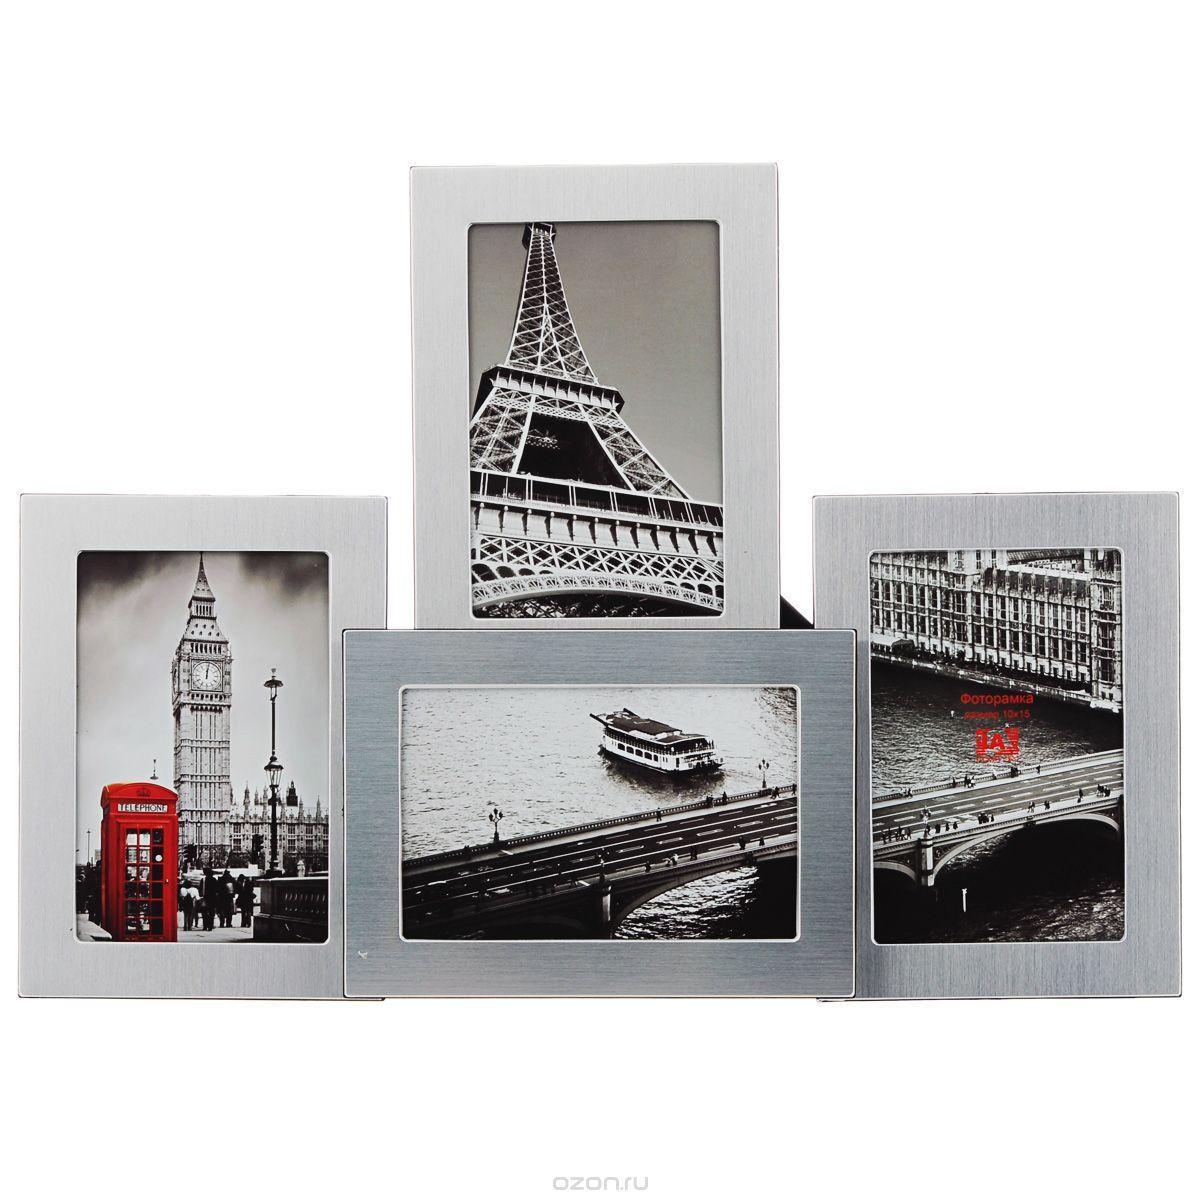 Фоторамка Image Art, на 4 фото, 10 см х 15 см. 6019/4-4S фоторамка image art 6012 4pk красная